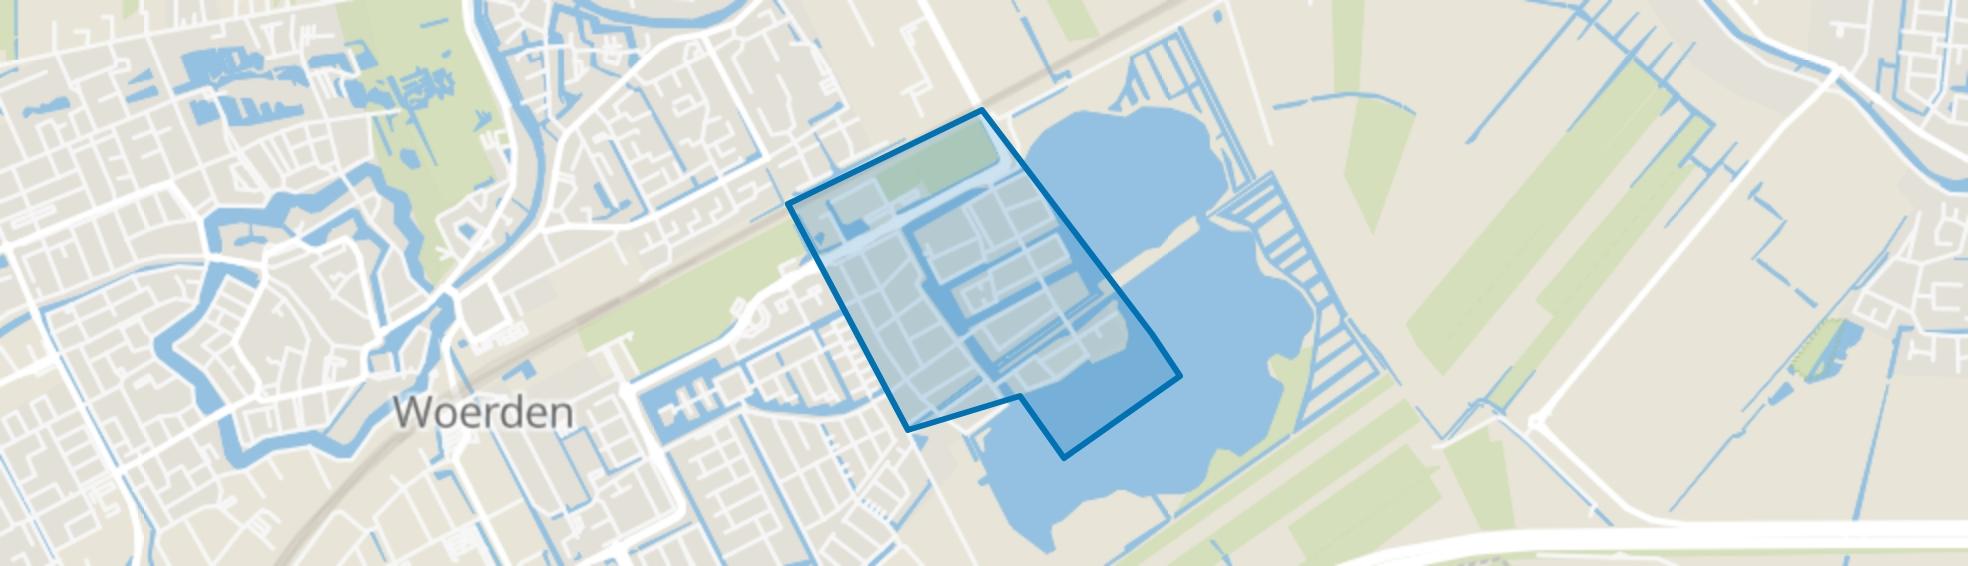 Waterrijk, Woerden map